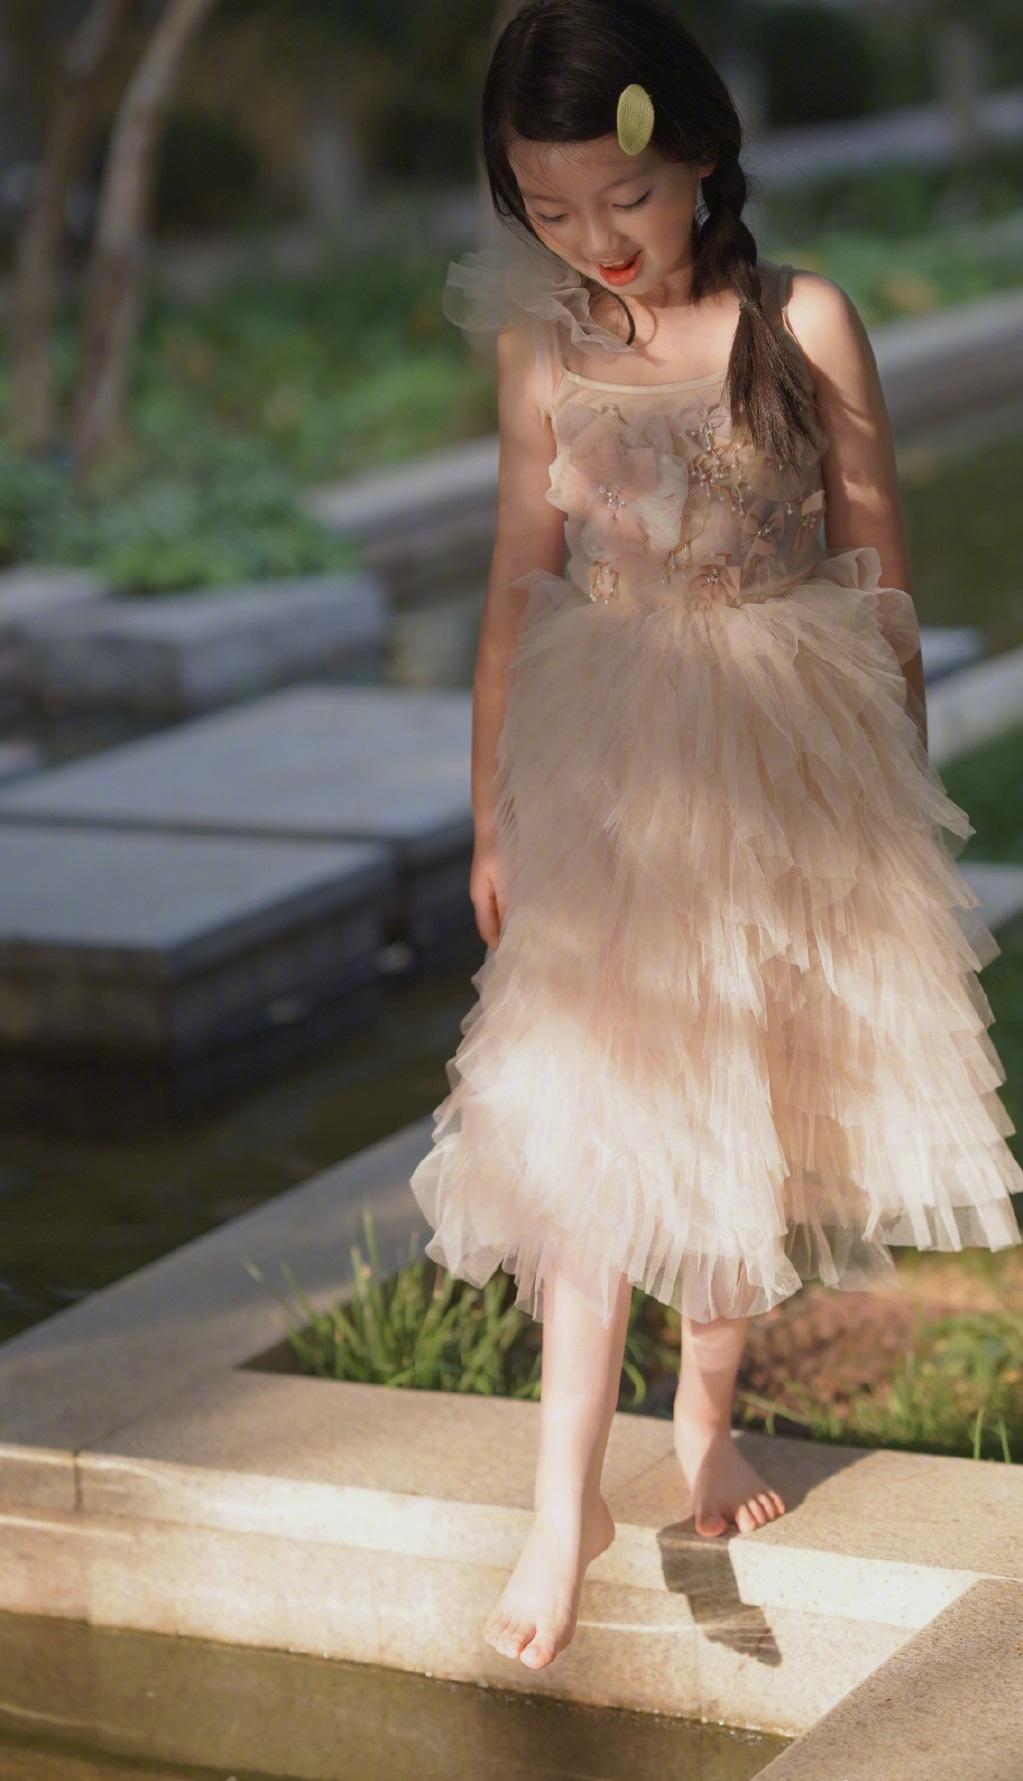 阿拉蕾已长成大姑娘,褪去稚气出落成小女神,白裙如仙美得不敢信